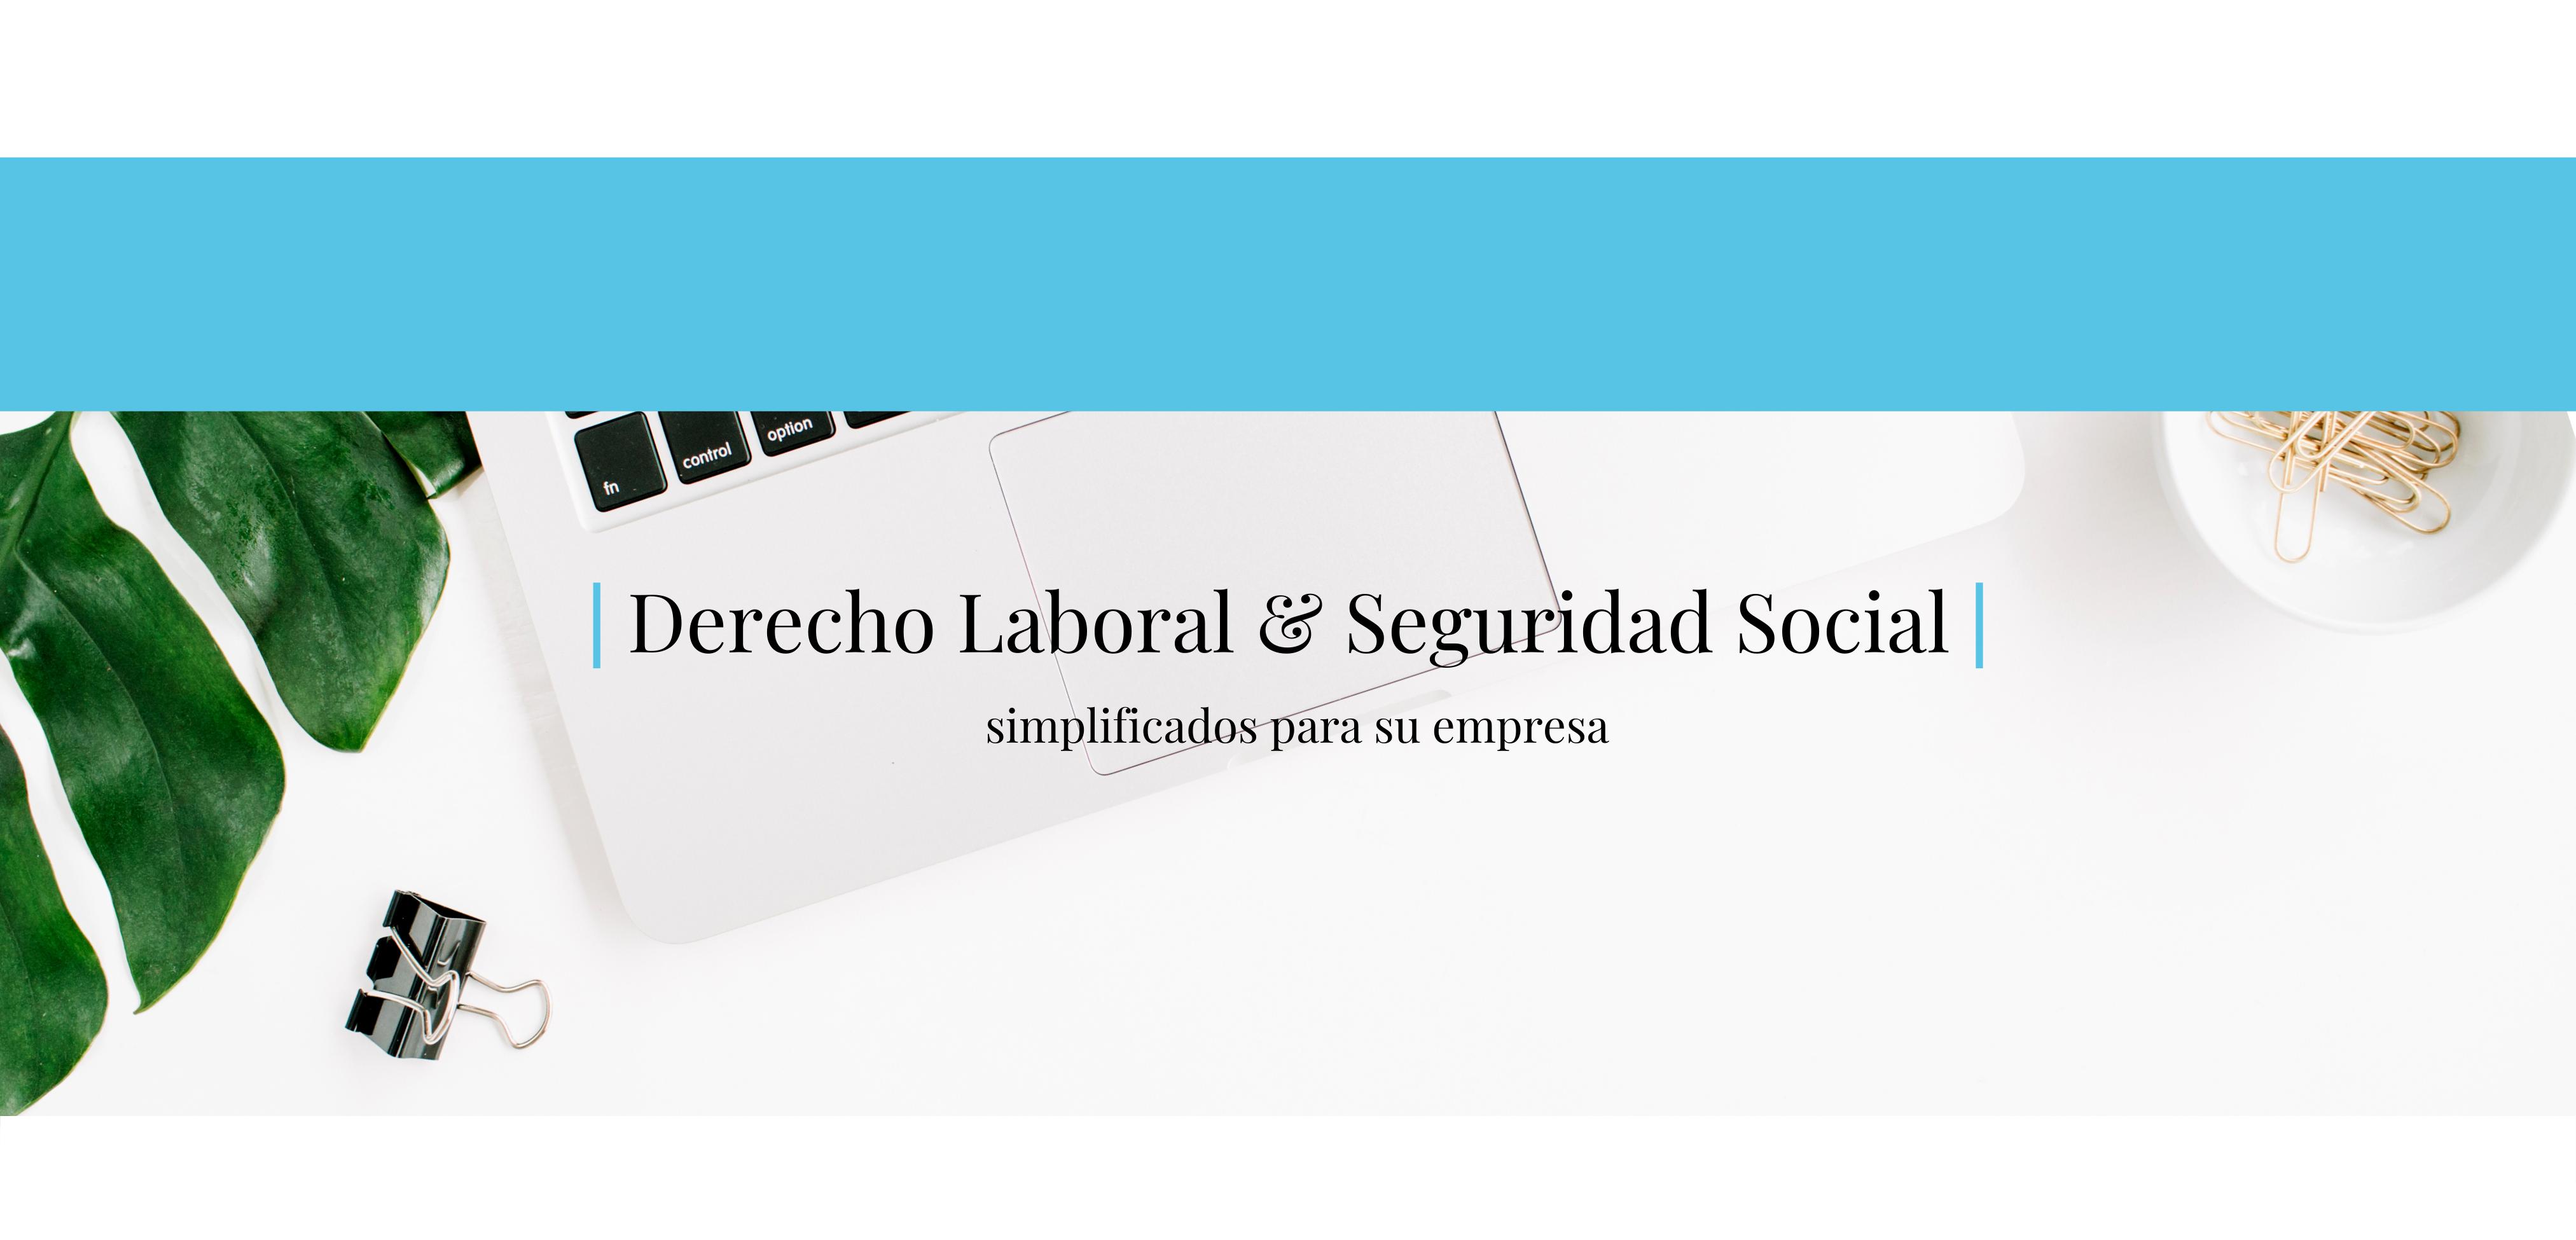 Derecho Laboral y la Seguridad Social simplificado para su empresa